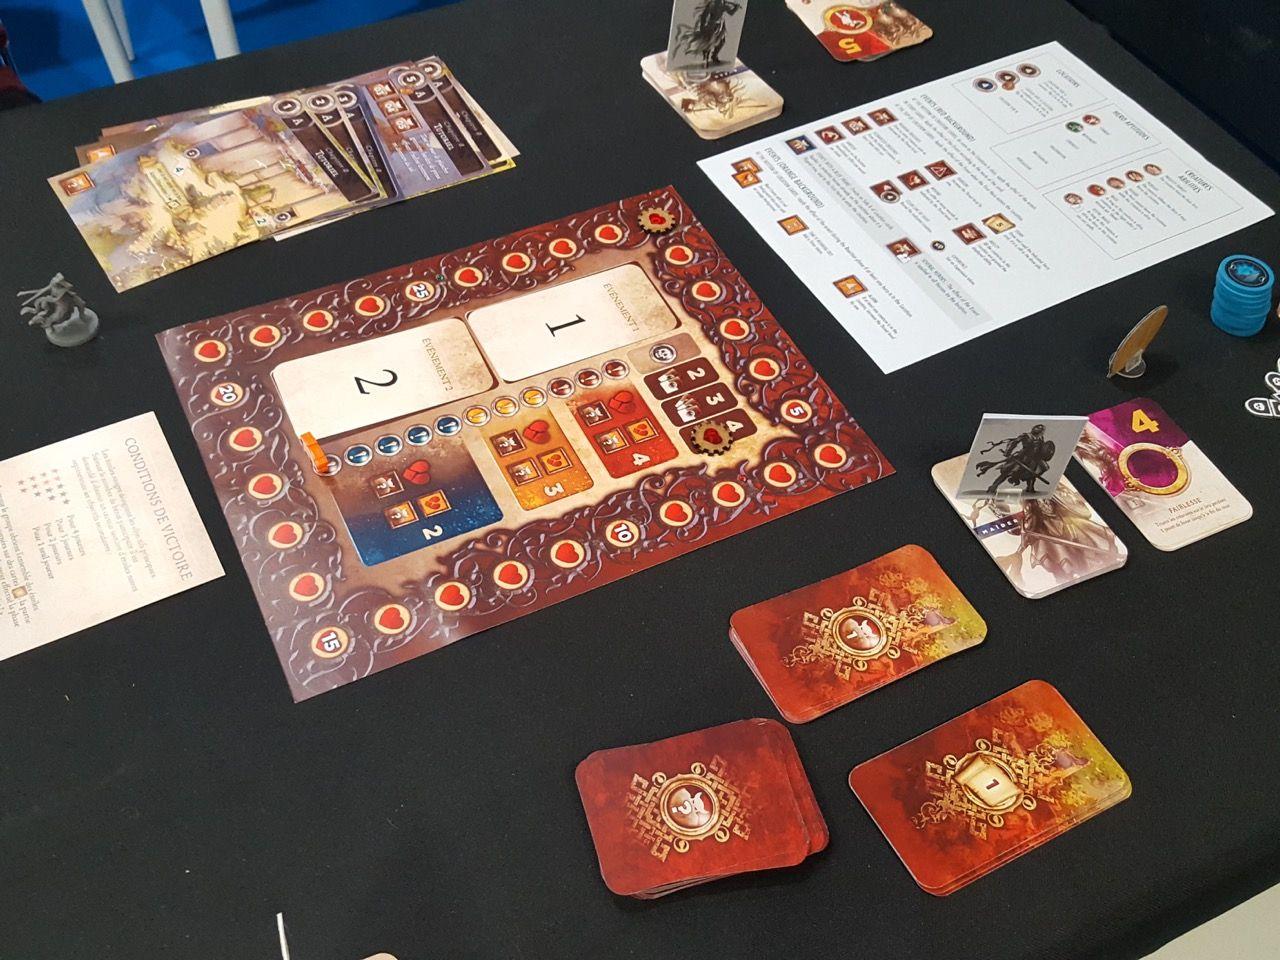 Le système de jeu Running Quest utilise des mécanismes astucieux de coopération pour 1 à 4 joueurs, confrontant les héros à une nouvelle menace dans chaque chapitre, mais cyril n'a pas du tout accroché.